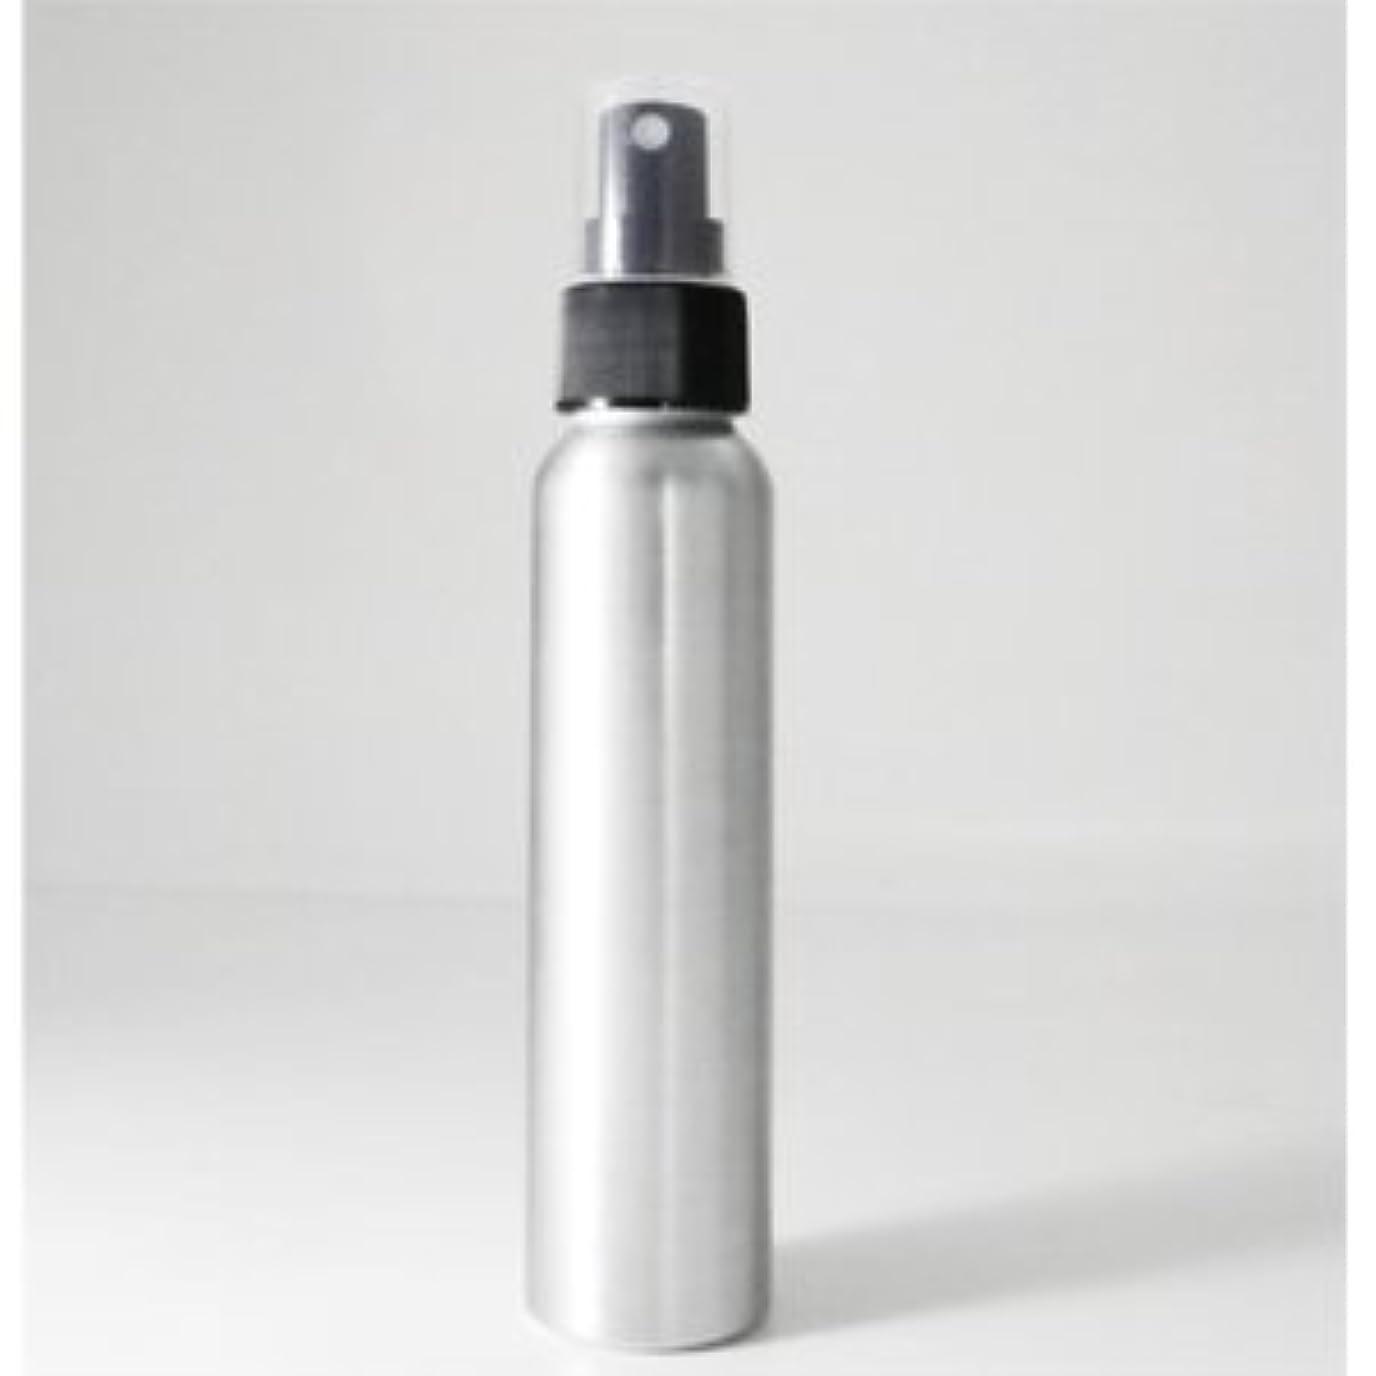 試すゲージセグメントアルミボトル スプレー容器 100ml 【手作り化粧品容器】